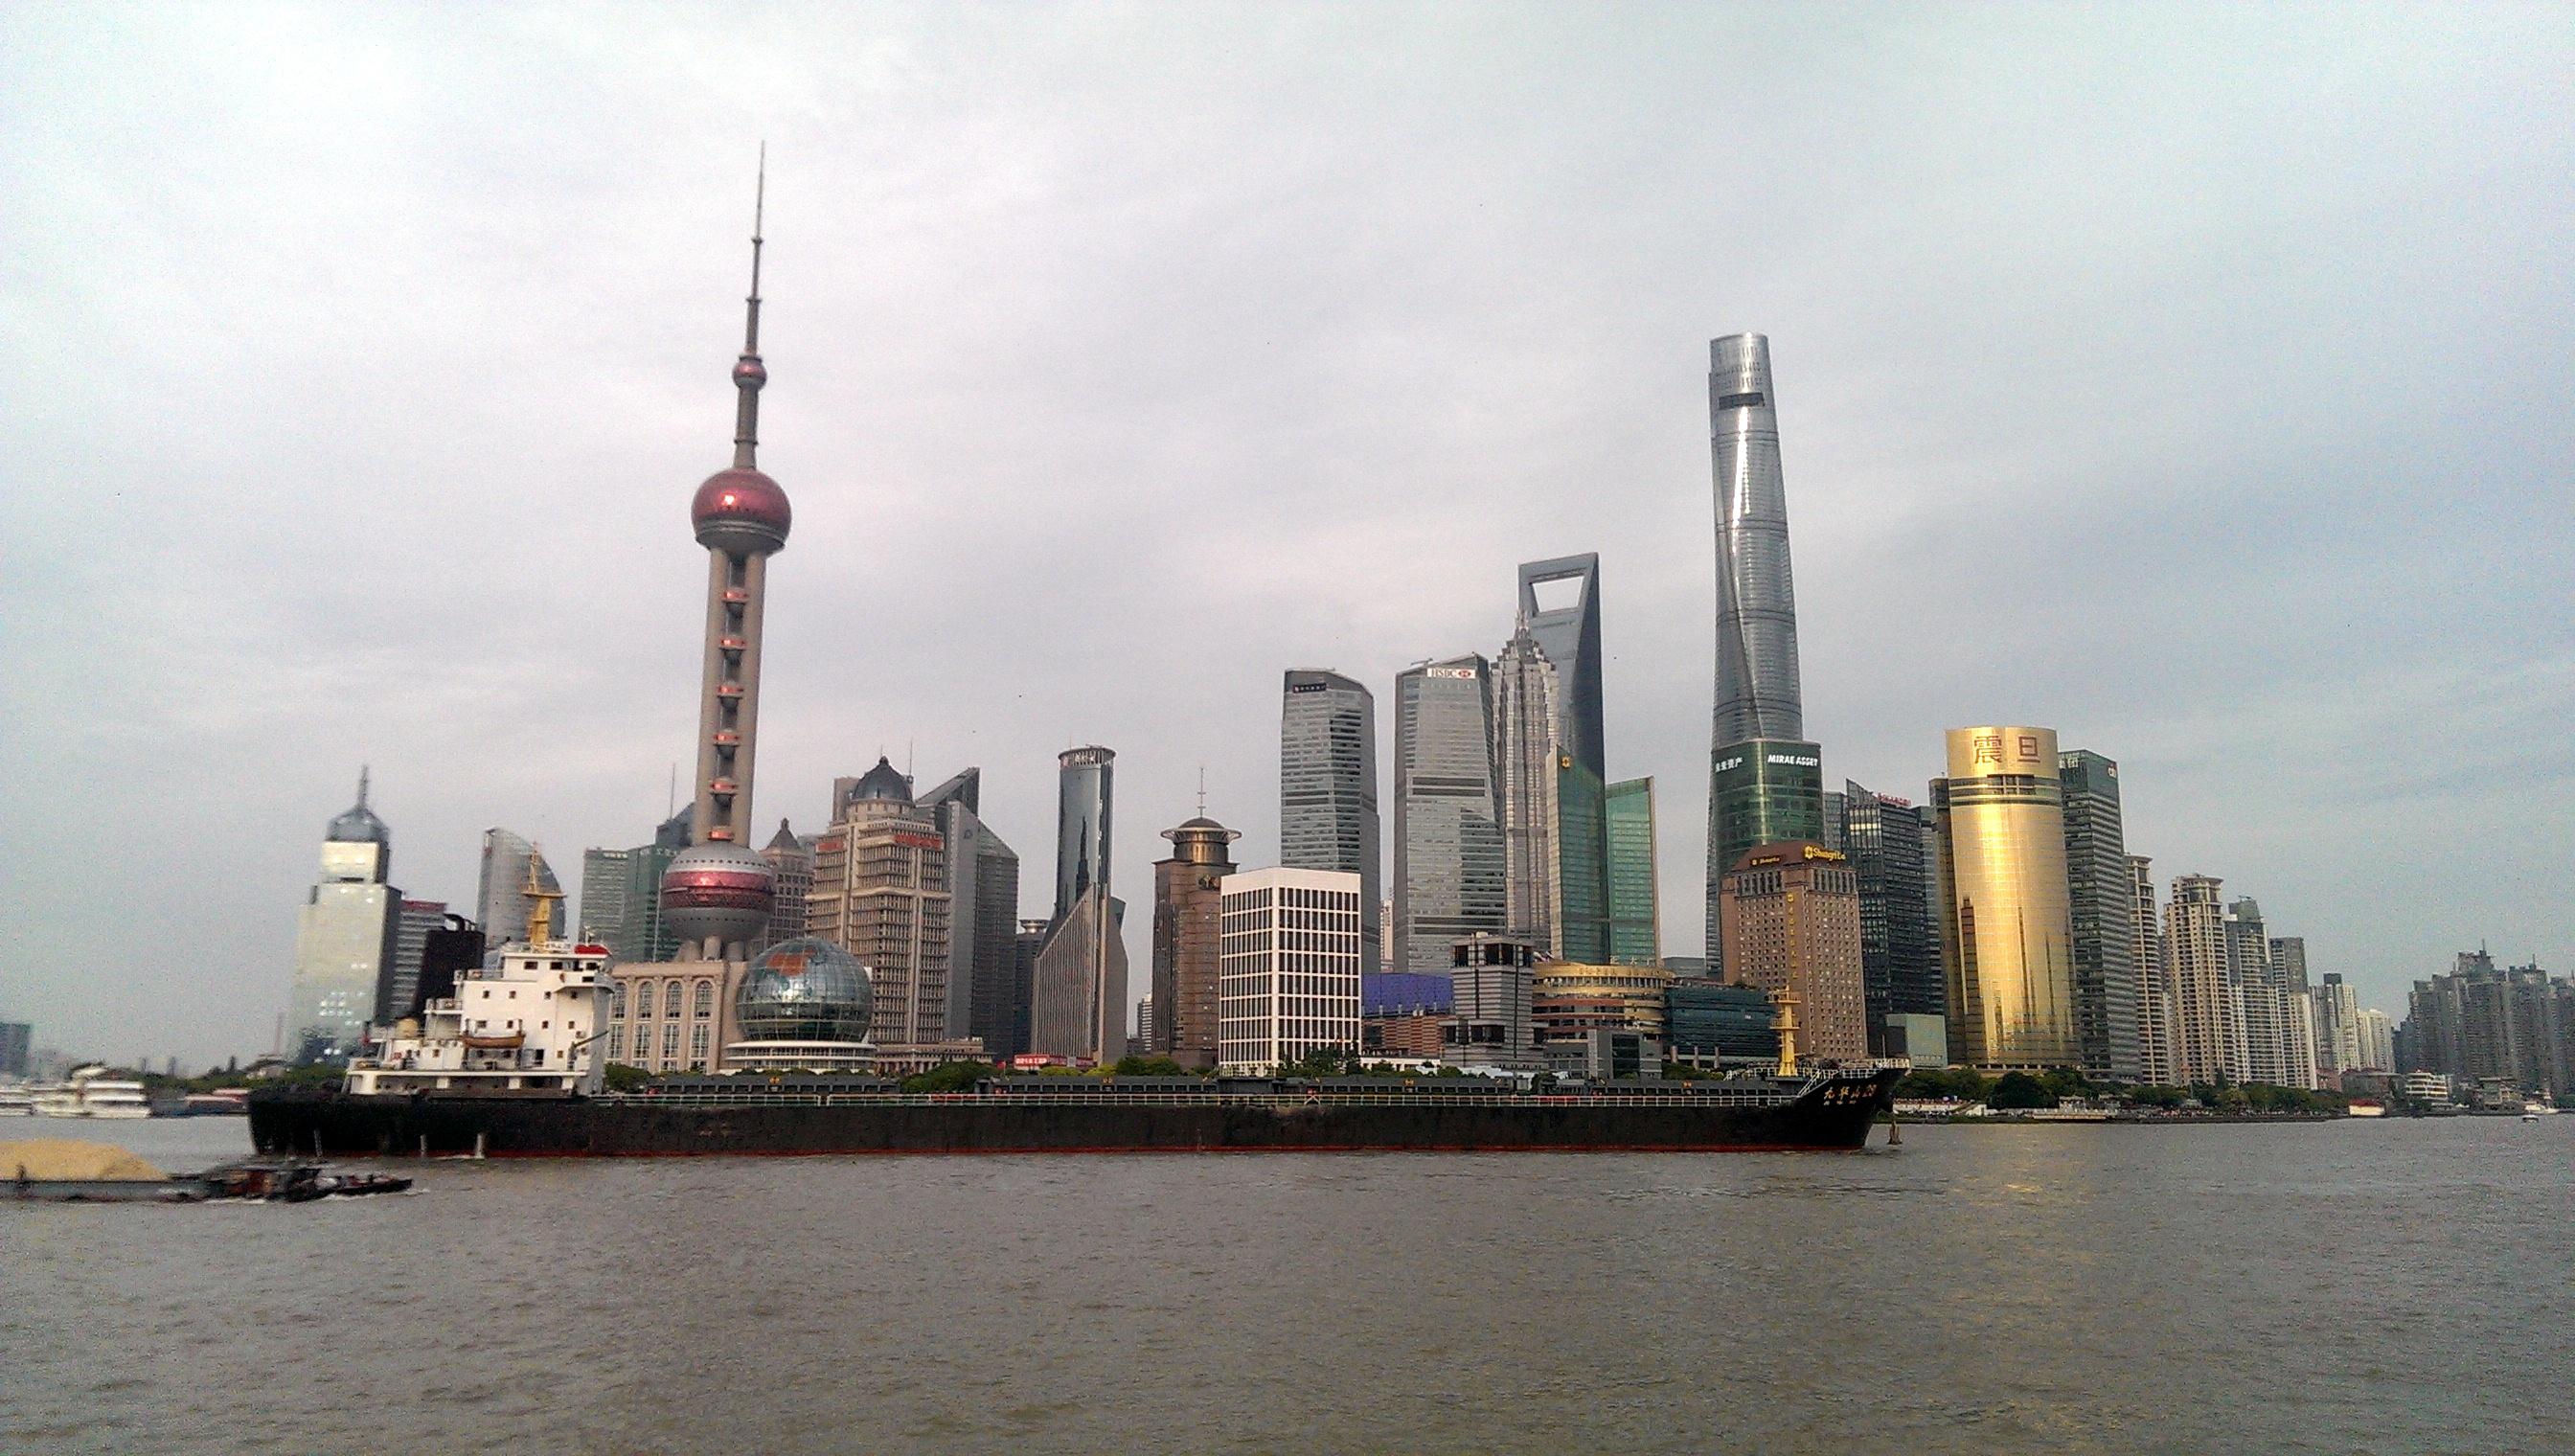 上海連「小確幸」都贏台北?一碗沒煮爛的百元牛肉飯告訴我:還沒...對岸還有一大段差距嘞!